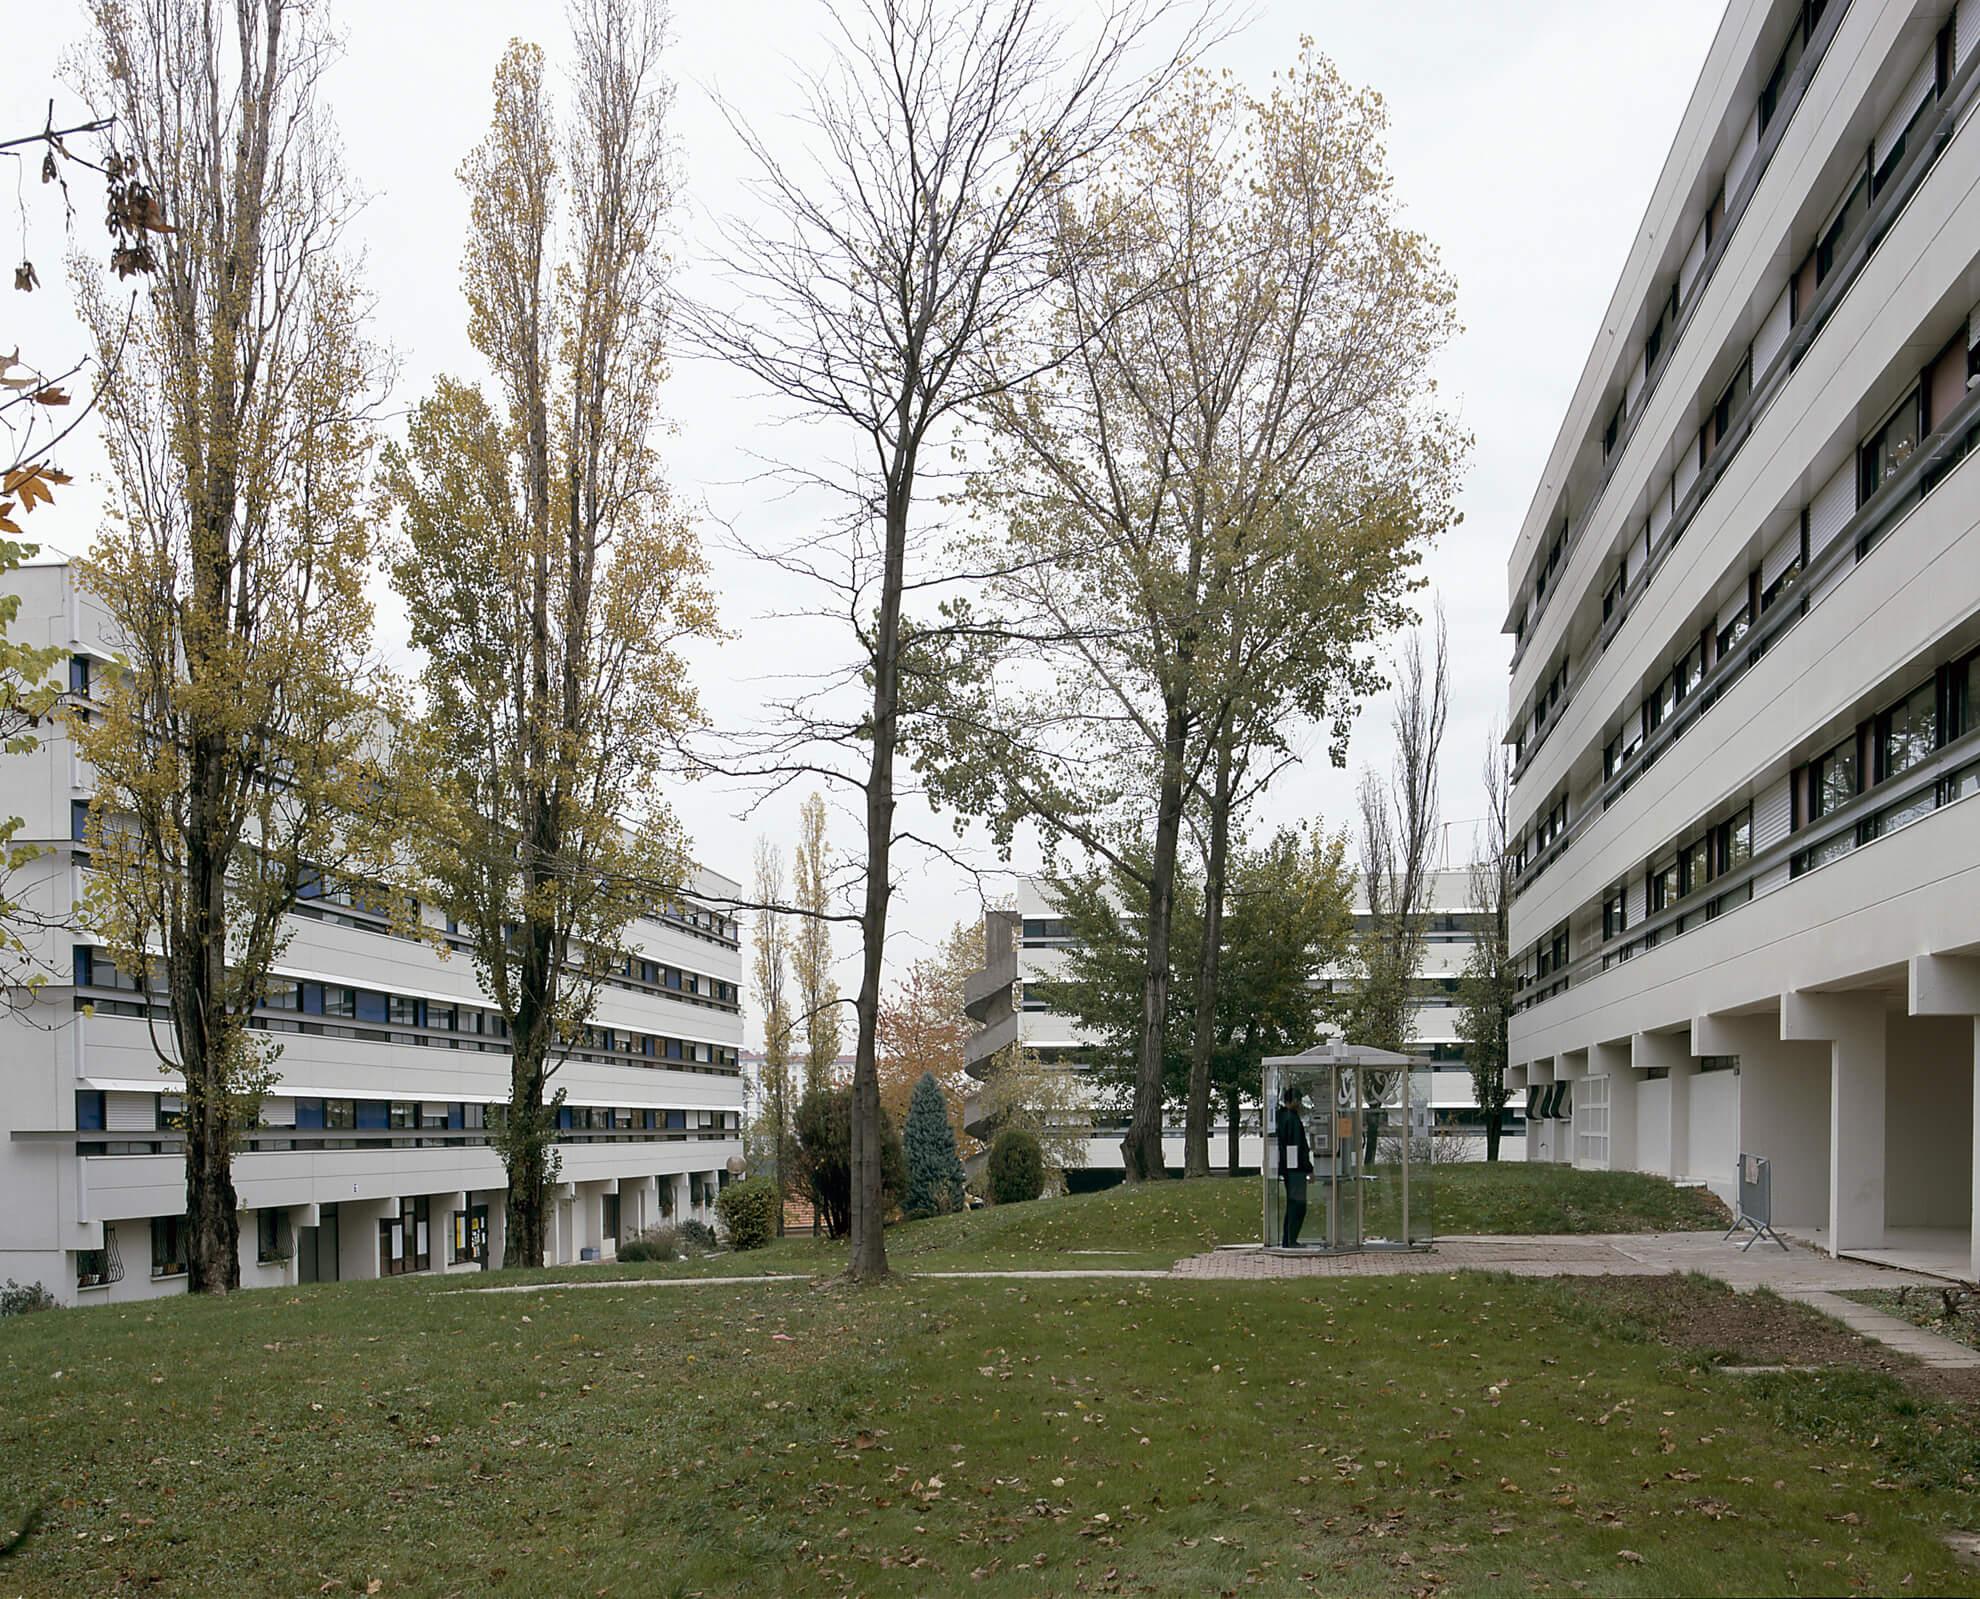 Résidence universitaire Allix CROUS Lyon